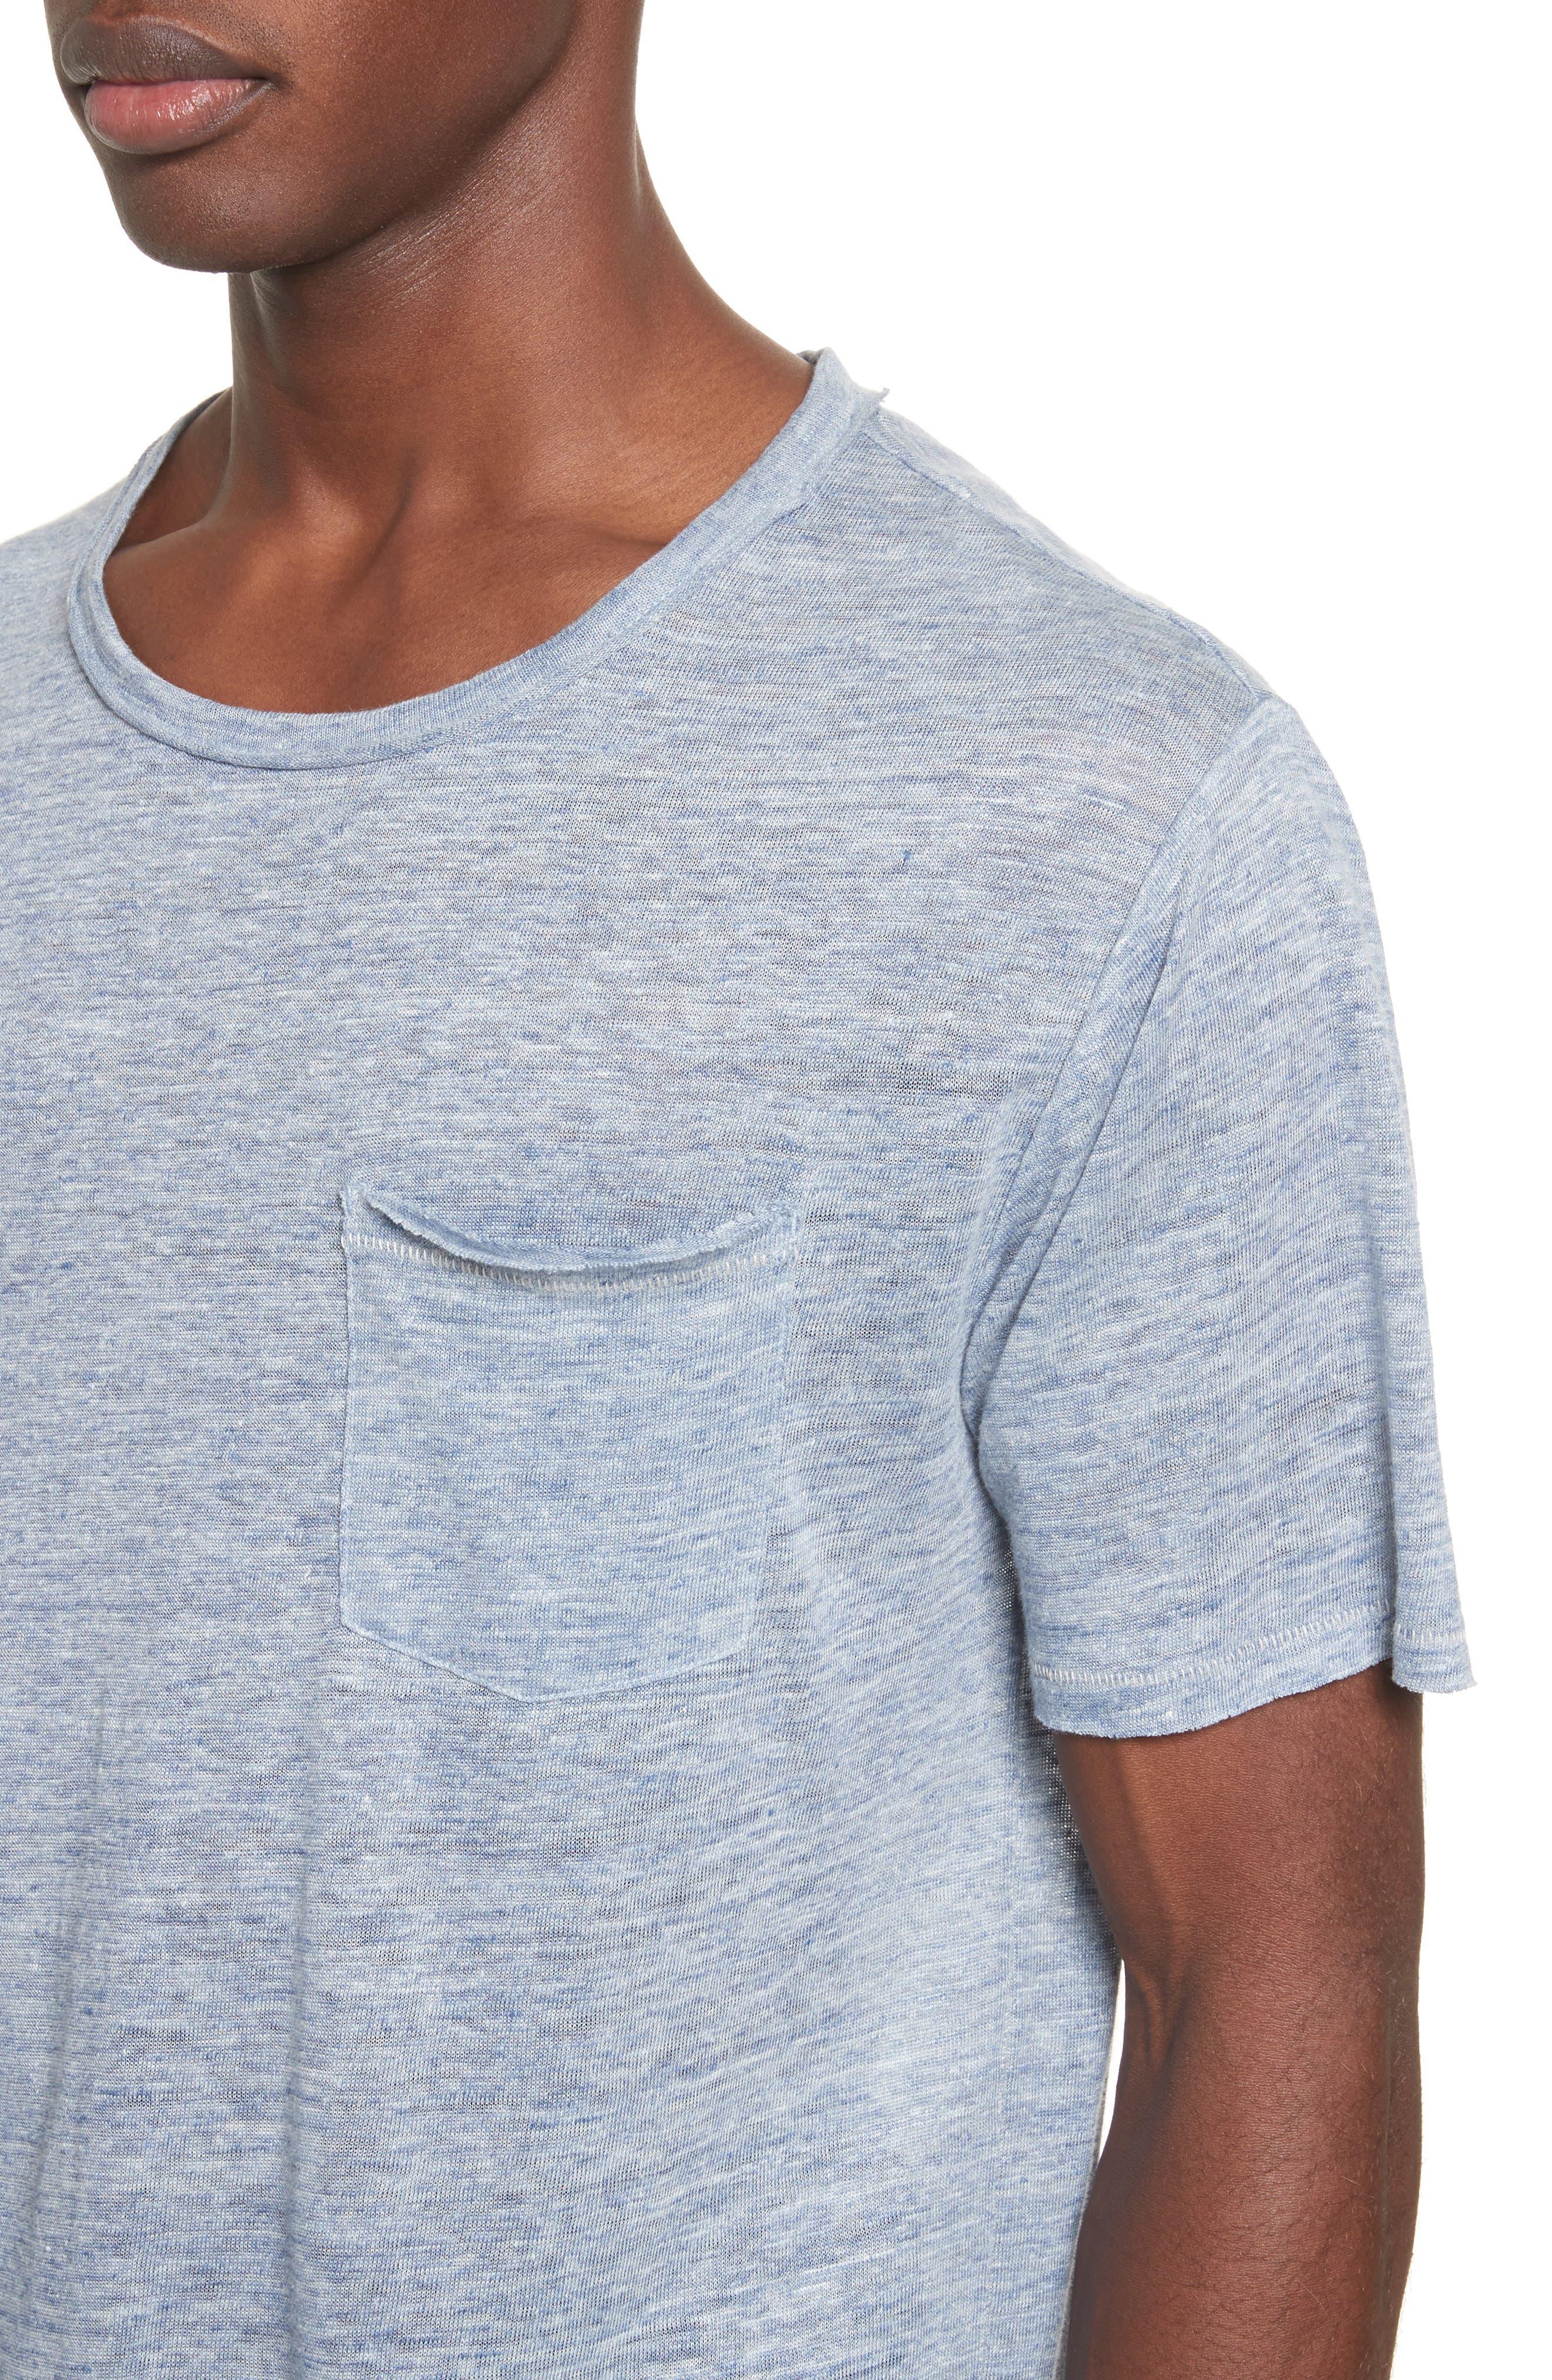 Owen T-Shirt,                             Alternate thumbnail 4, color,                             Blue